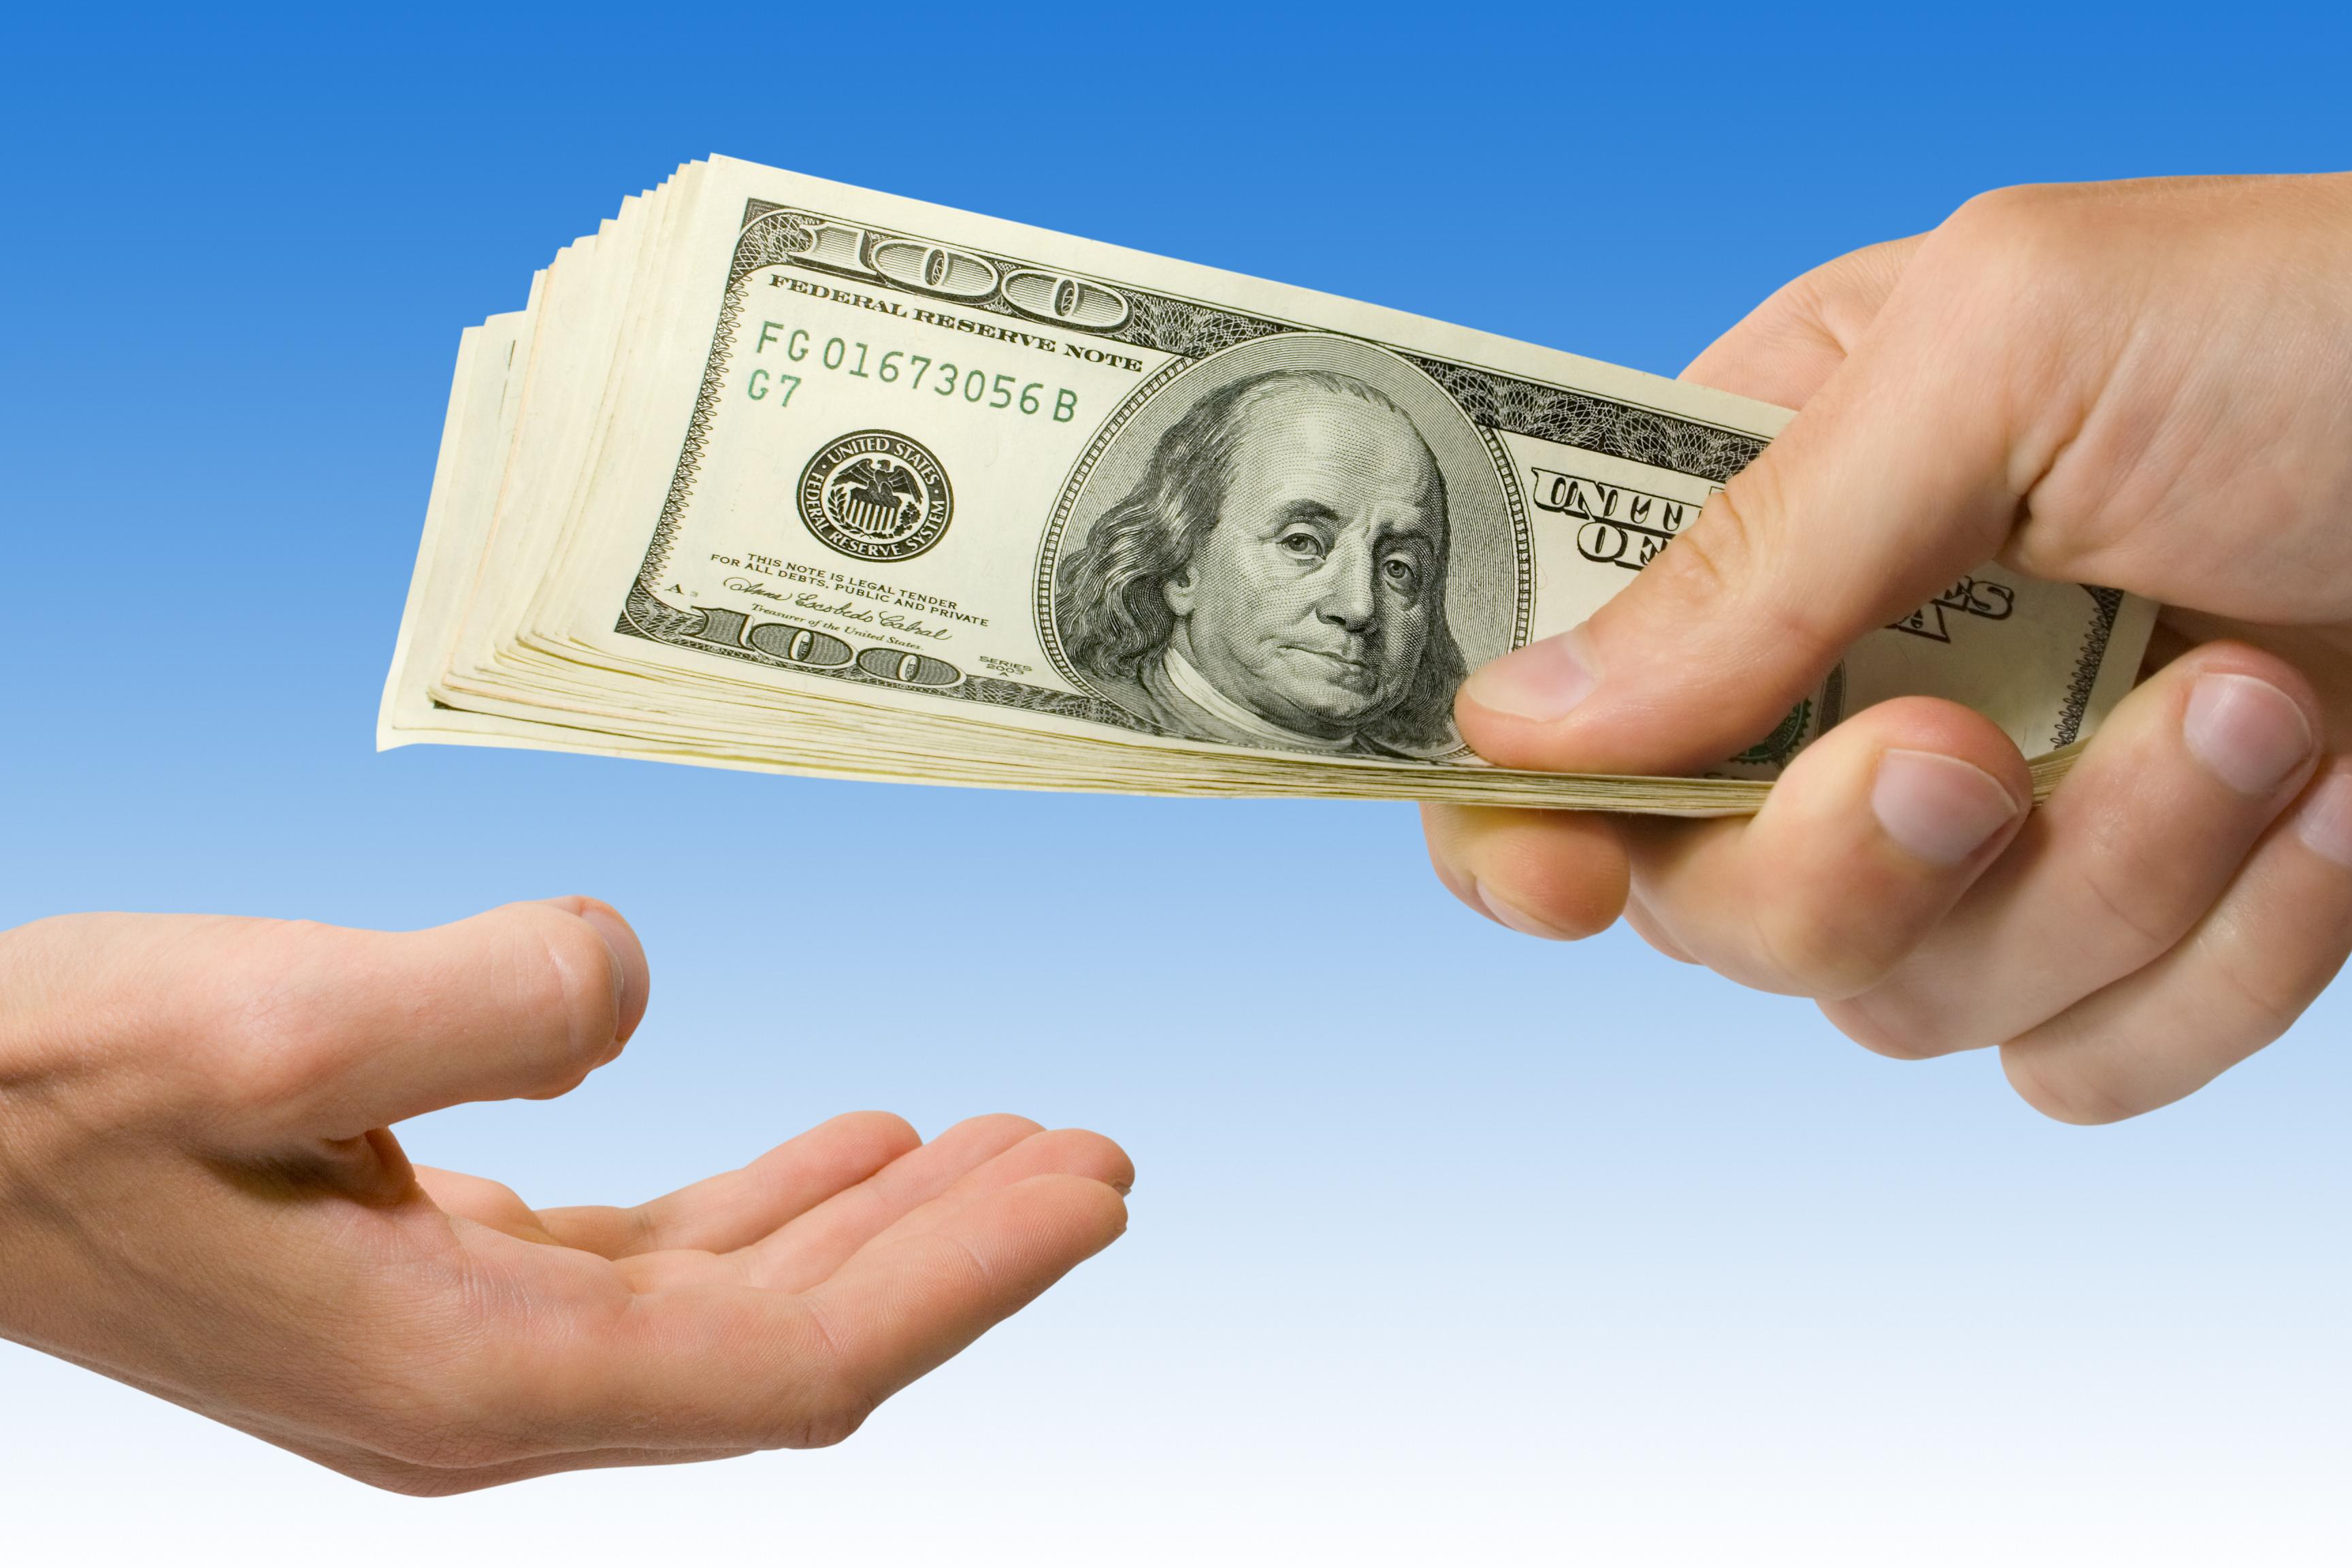 r2ck how to get money